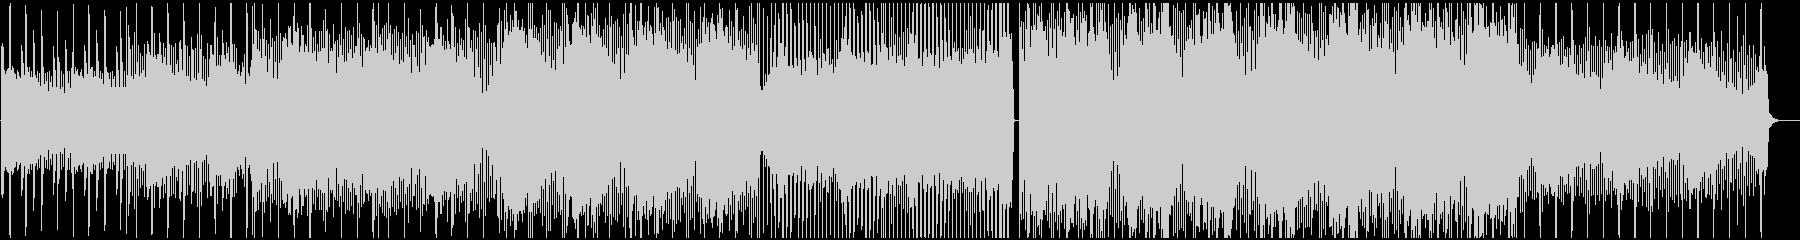 個性的で可愛いスローエレクトロニカの未再生の波形